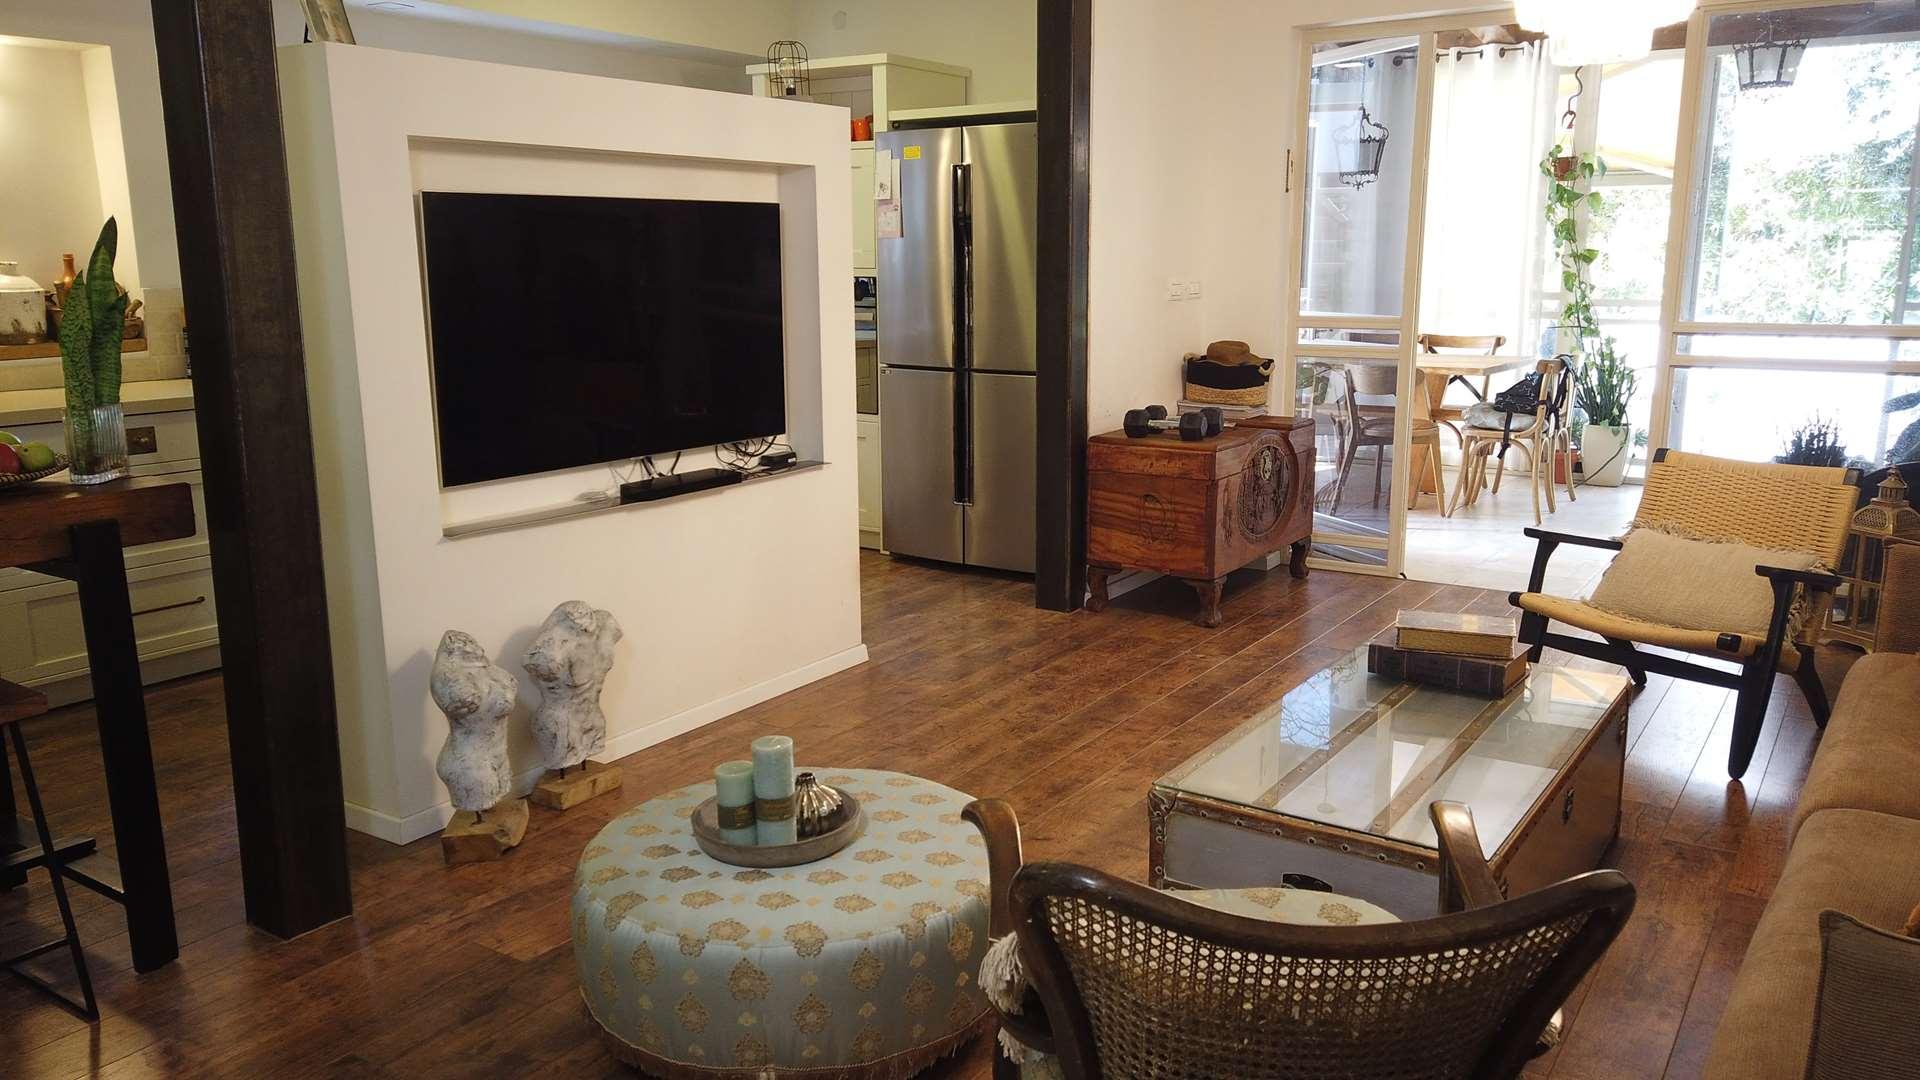 דירת גן למכירה 3 חדרים ברמת גן קריית בורכוב פבריגט